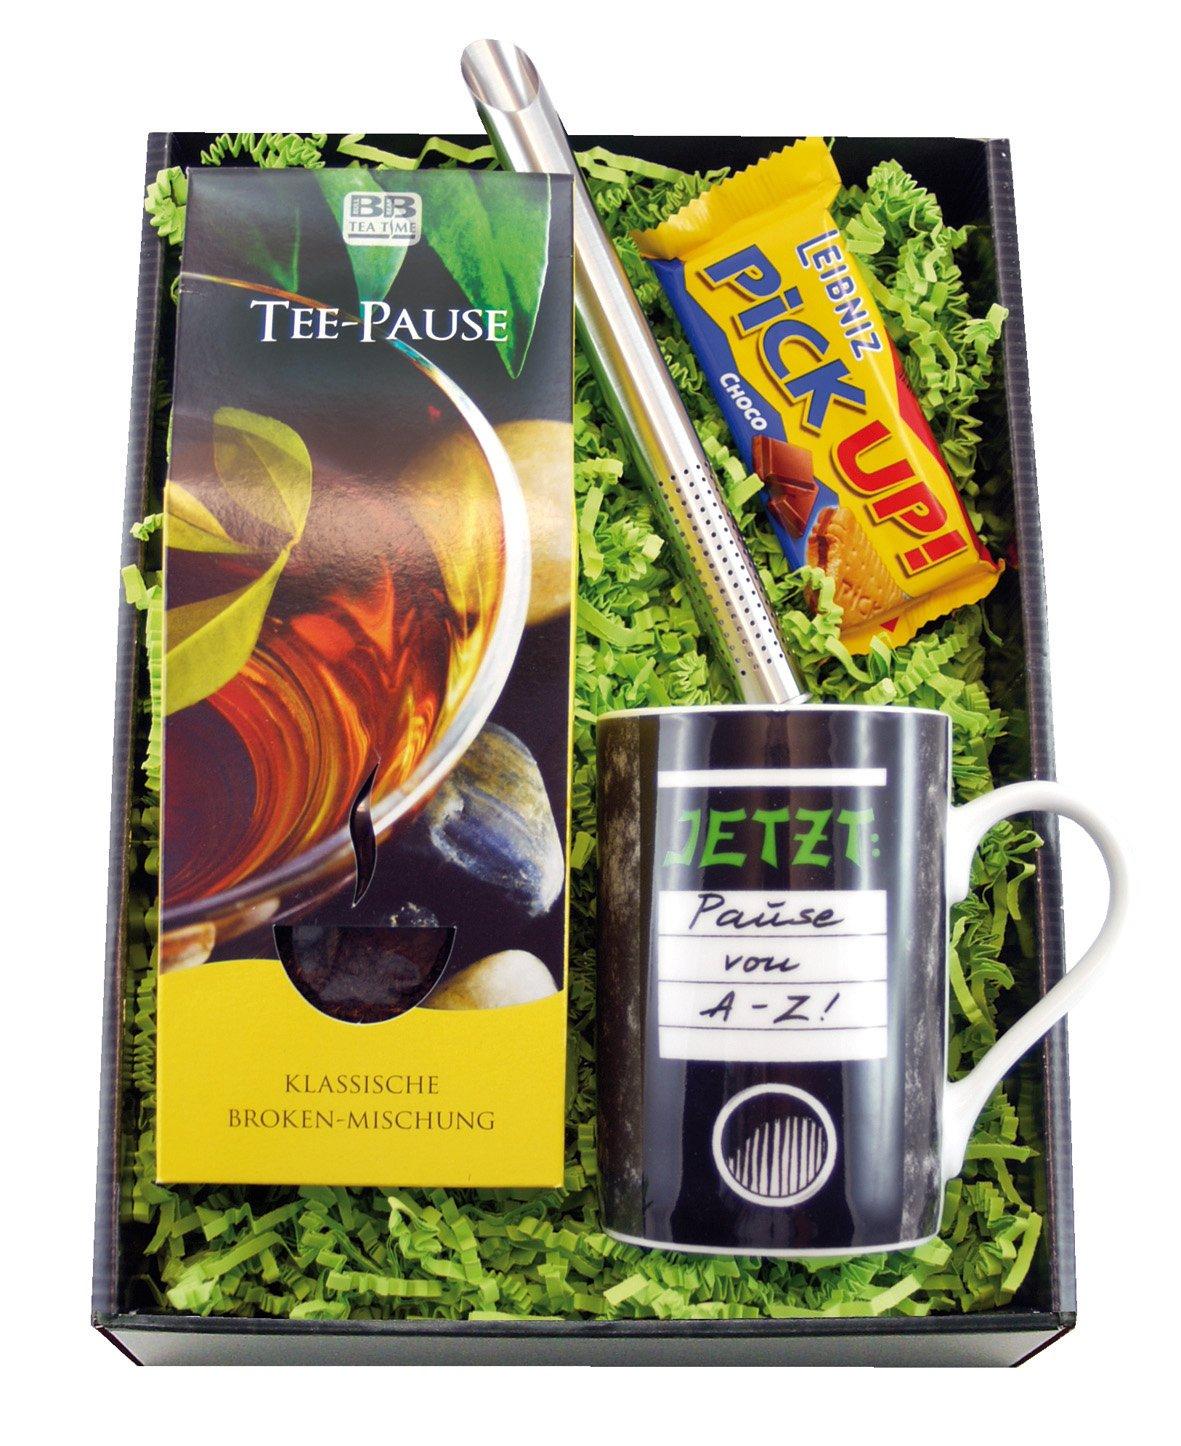 Amazoncom Geschenk Set Tee Pause Grocery Gourmet Food